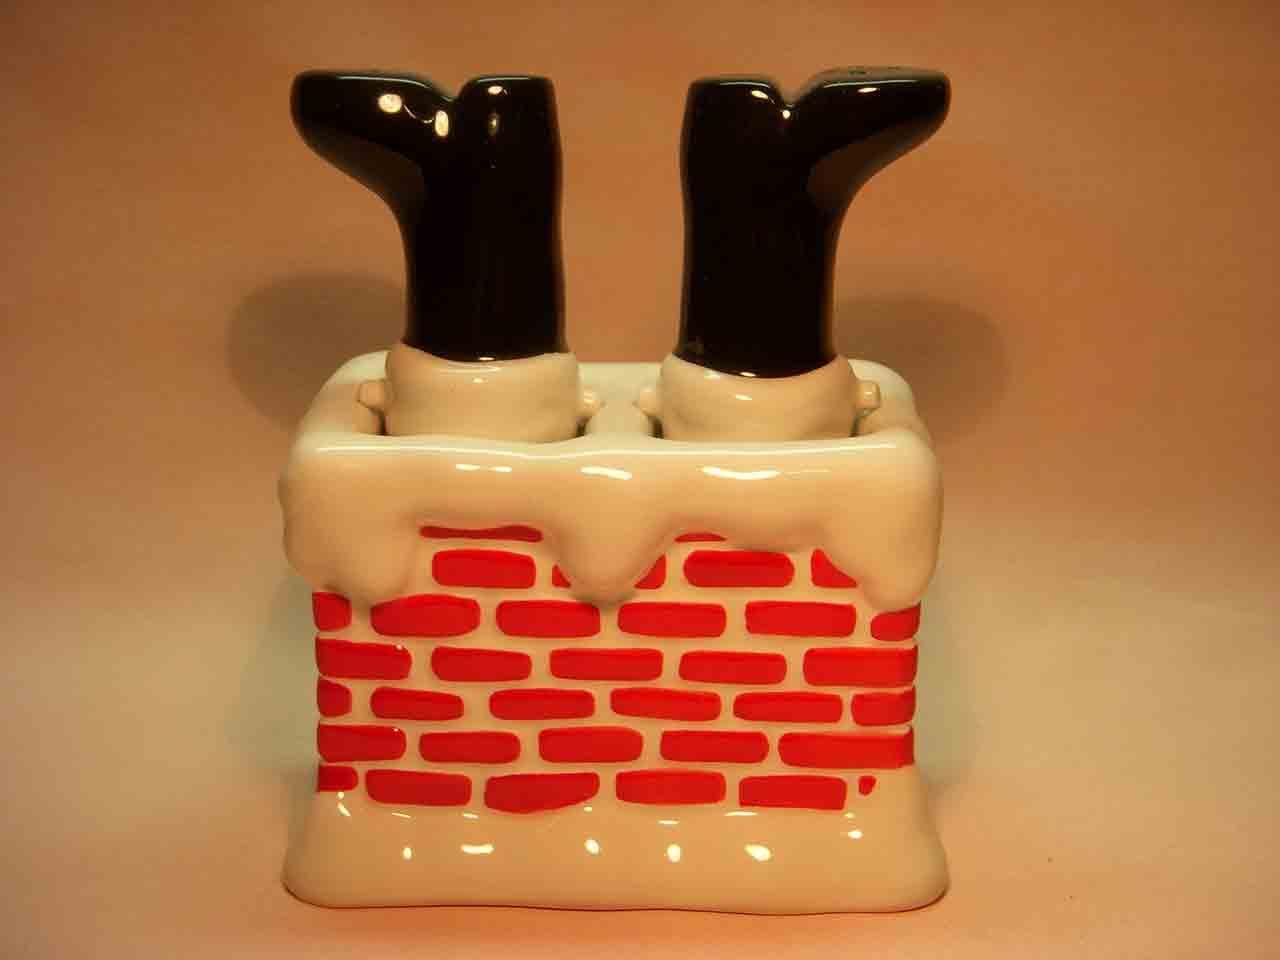 Christmas Santa Claus in chimney nodder salt and pepper shaker